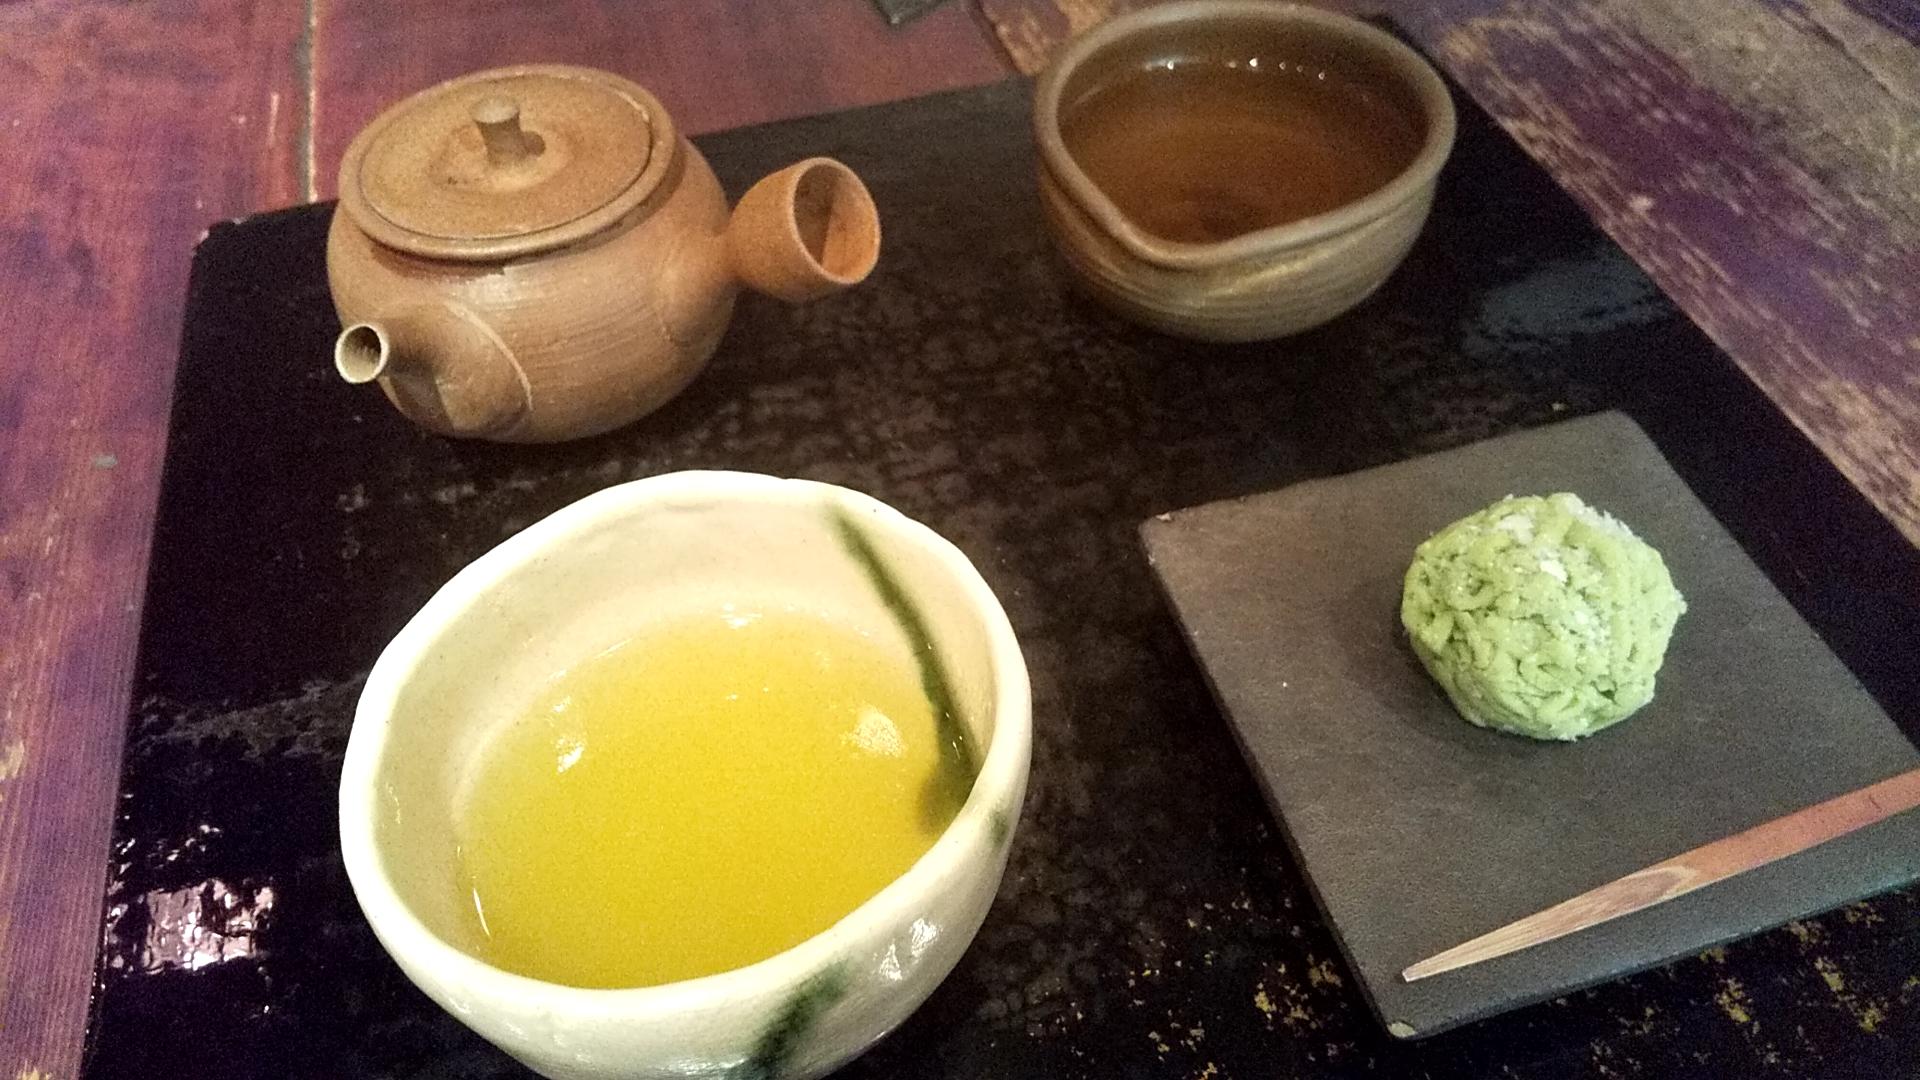 銀座 茶の葉さん煎茶セット